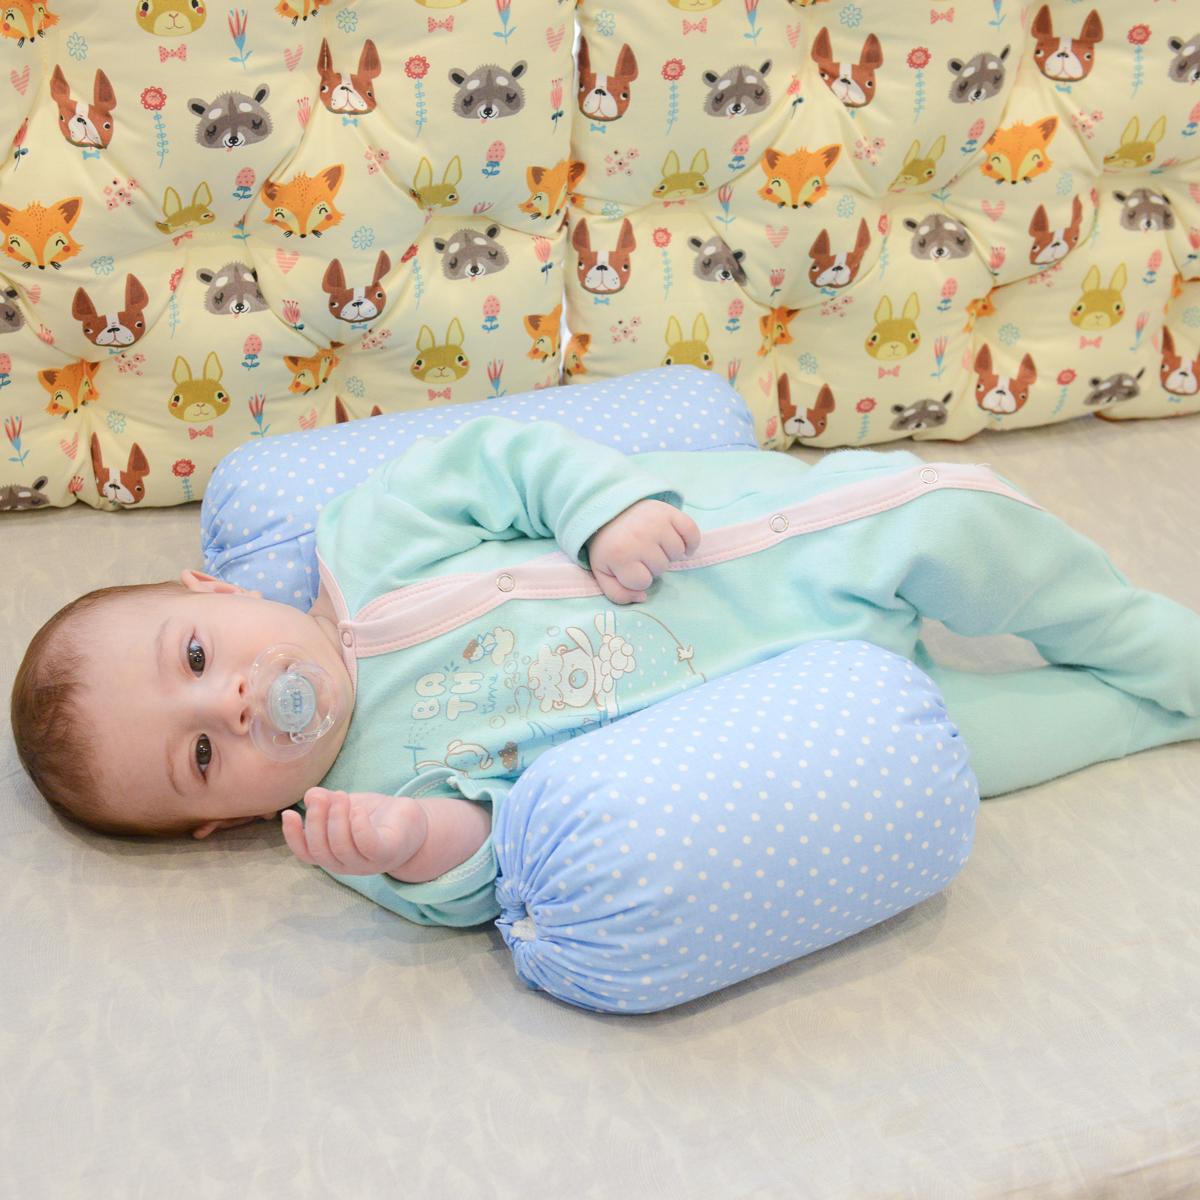 Создание комфортных условий для новорожденного — важная задача.